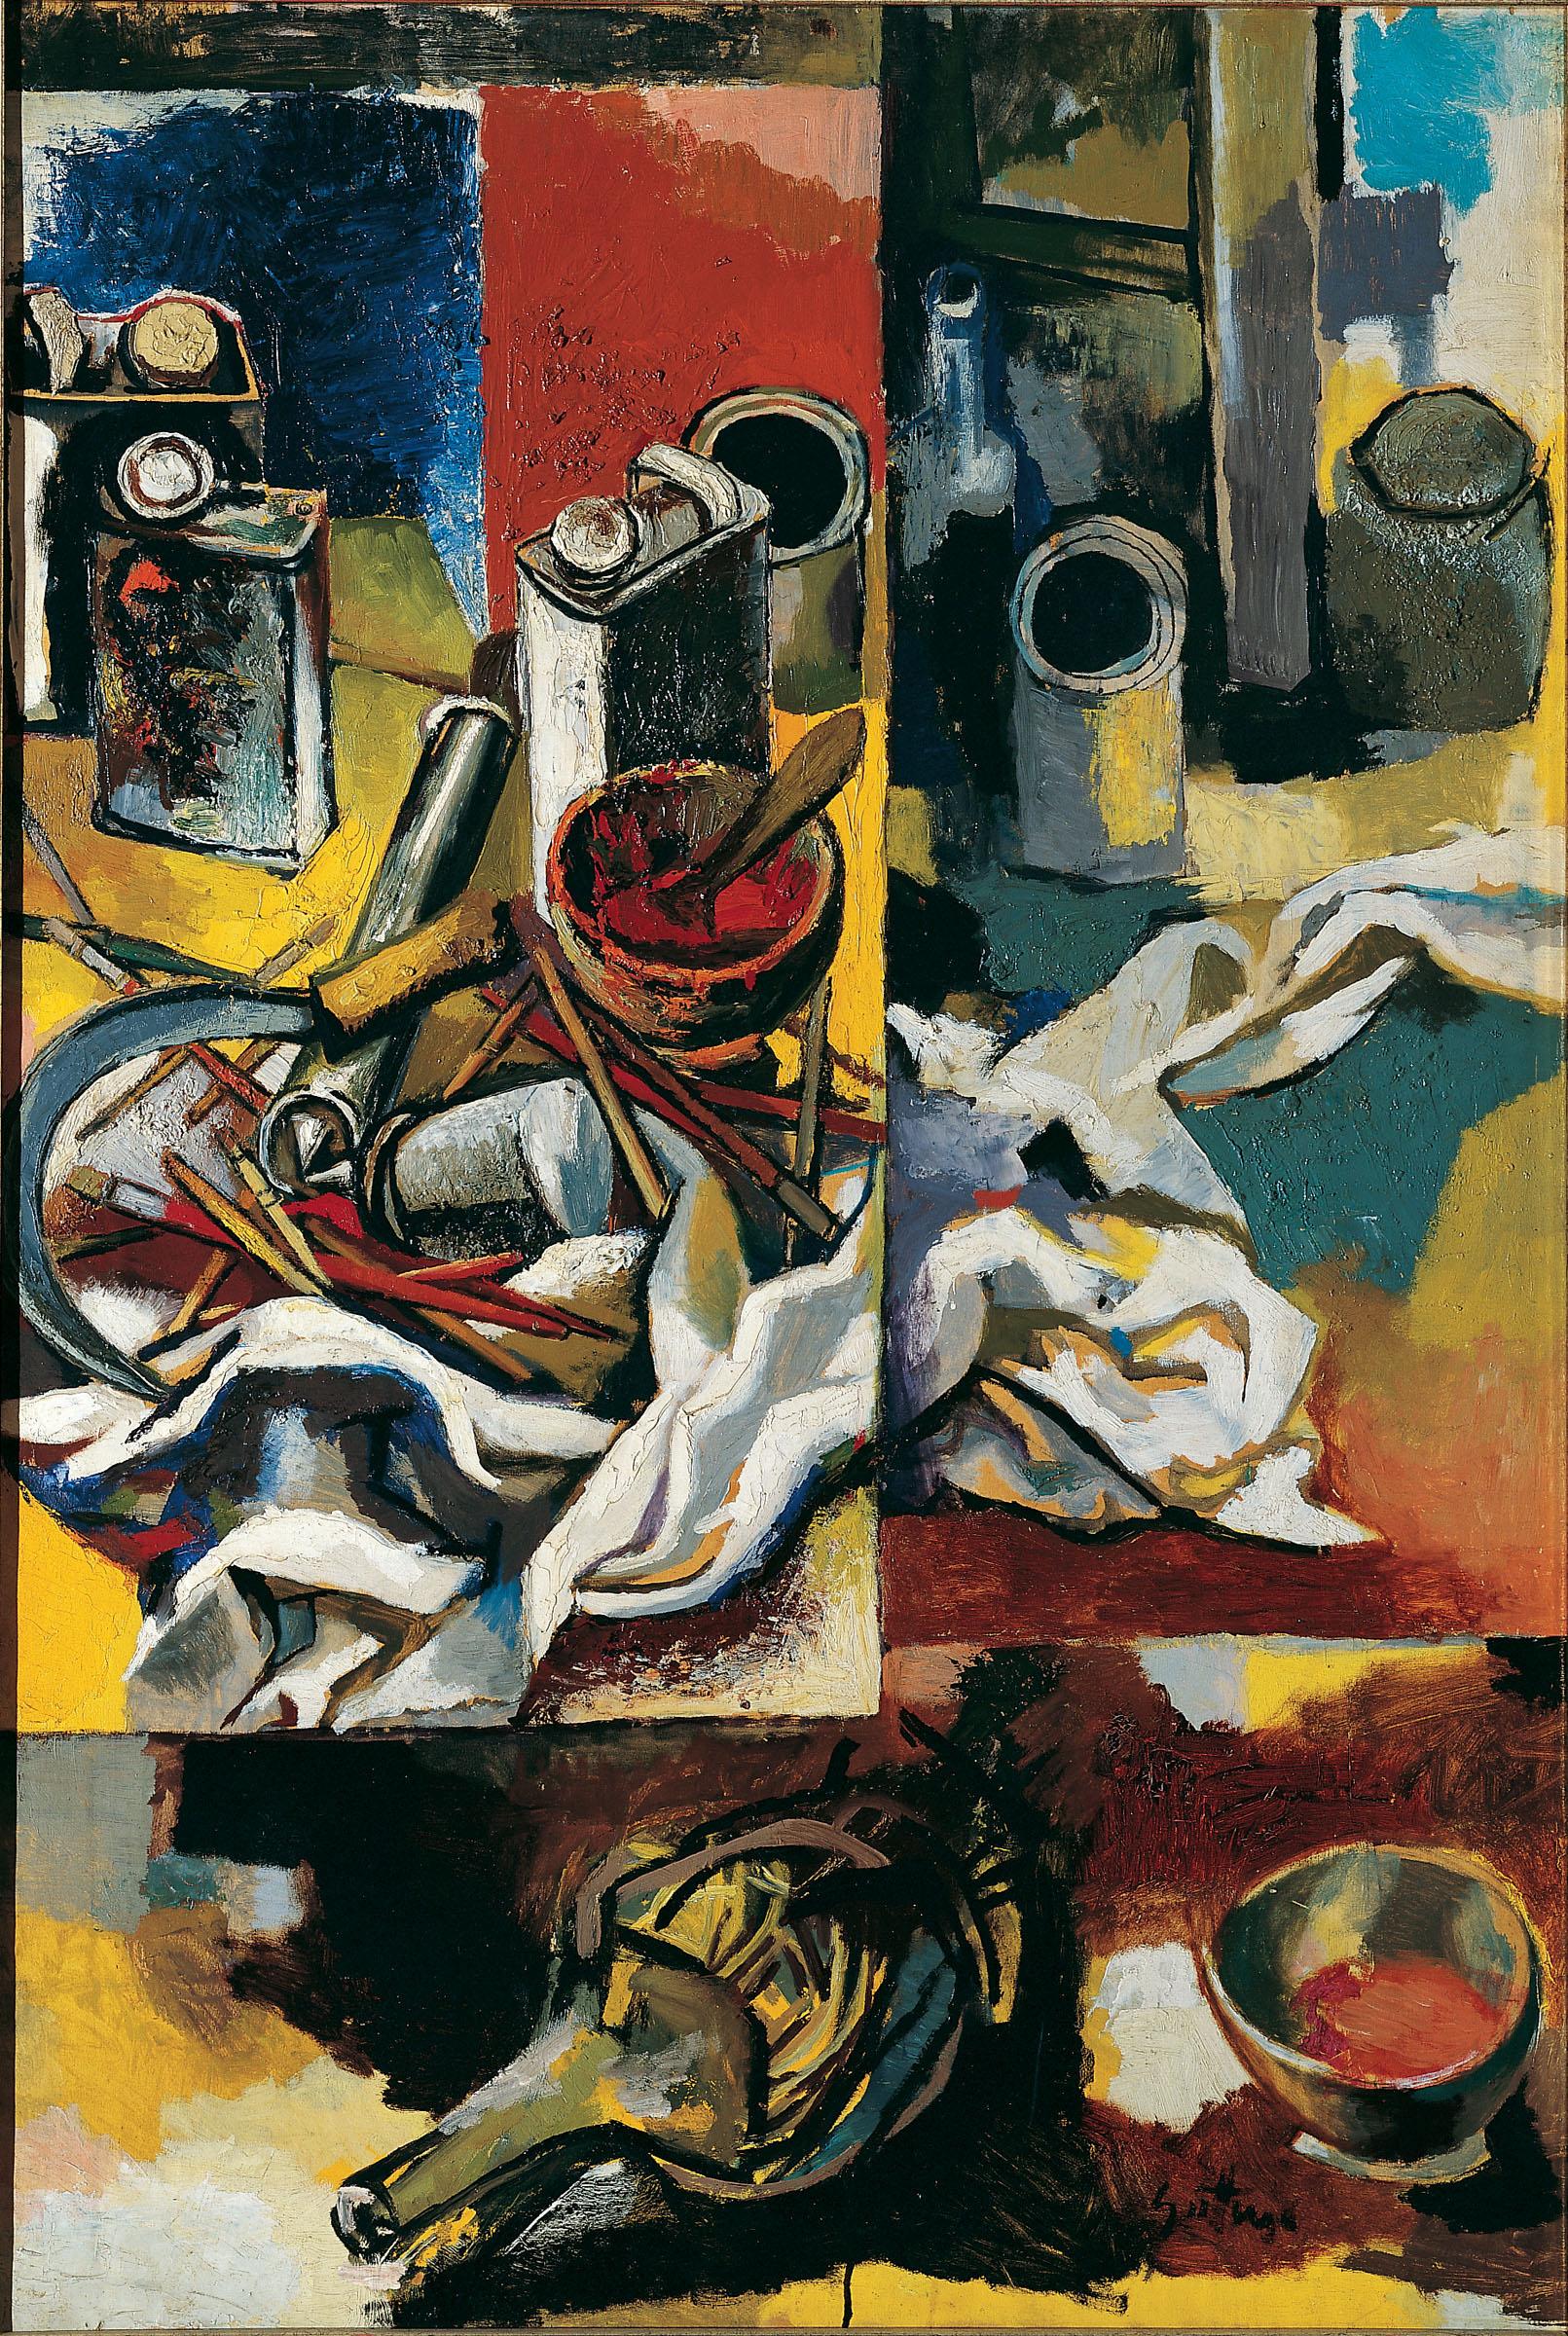 Renato Guttuso, Pagina di nature morte, 1958 Olio su carta intelata, cm 121x82 Macerata, Fondazione Carima - Museo Palazzo Ricci © Renato Guttuso by SIAE 2016